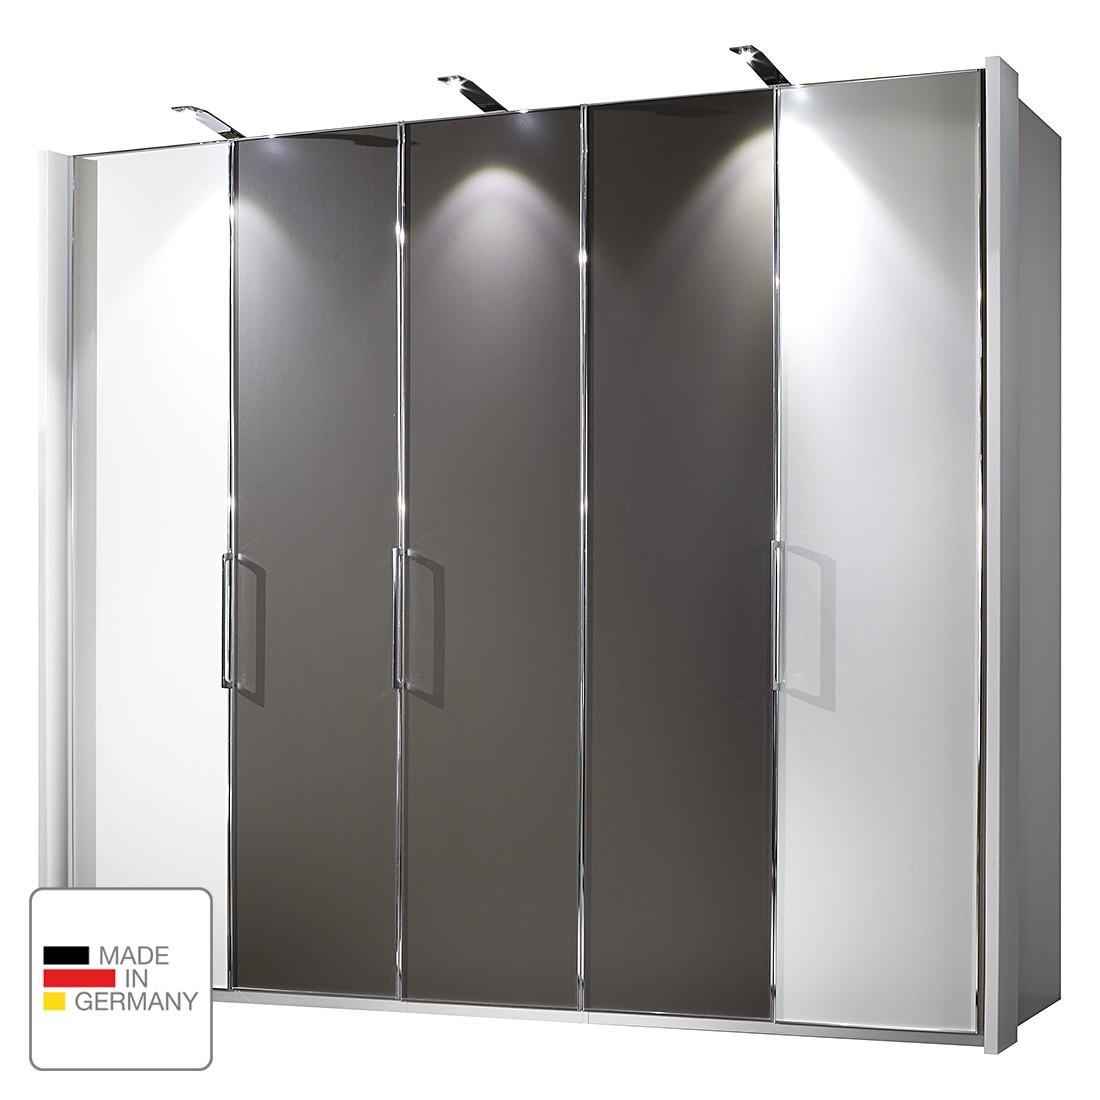 EEK A+, Drehtürenschrank Monza I - Alpinweiß/Havanna - LED-Beleuchtung - 350 cm (7-türig) - 1 Tür mit Absetzung - 216 cm, Althoff